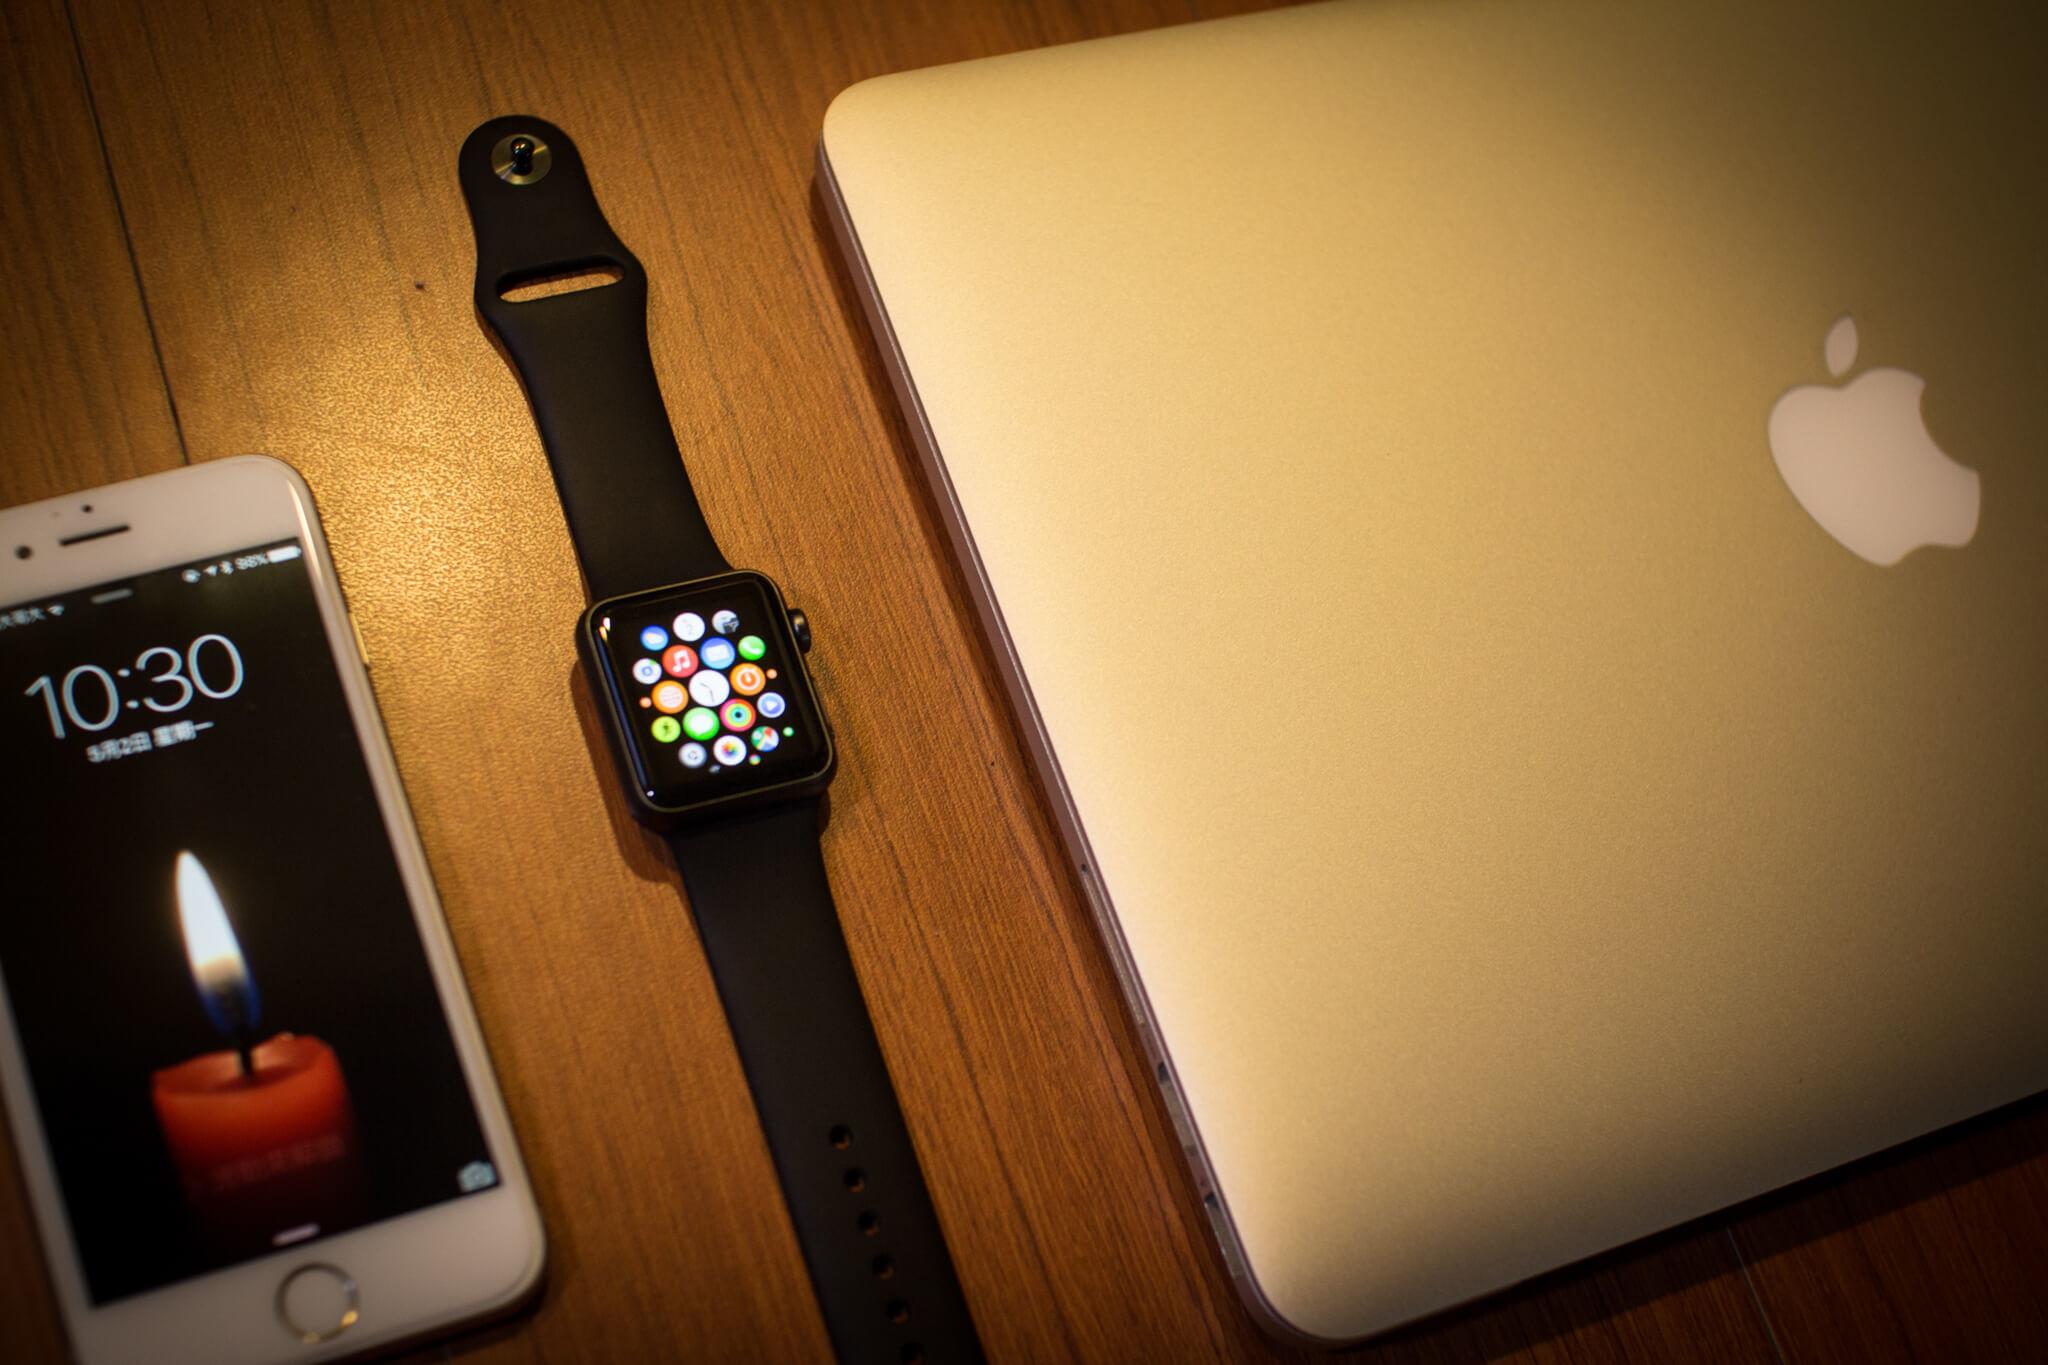 如此一來,繼 MacBook、iPad、iPhone 4s 後,又納入了 Apple Watch,我身旁都是蘋果了